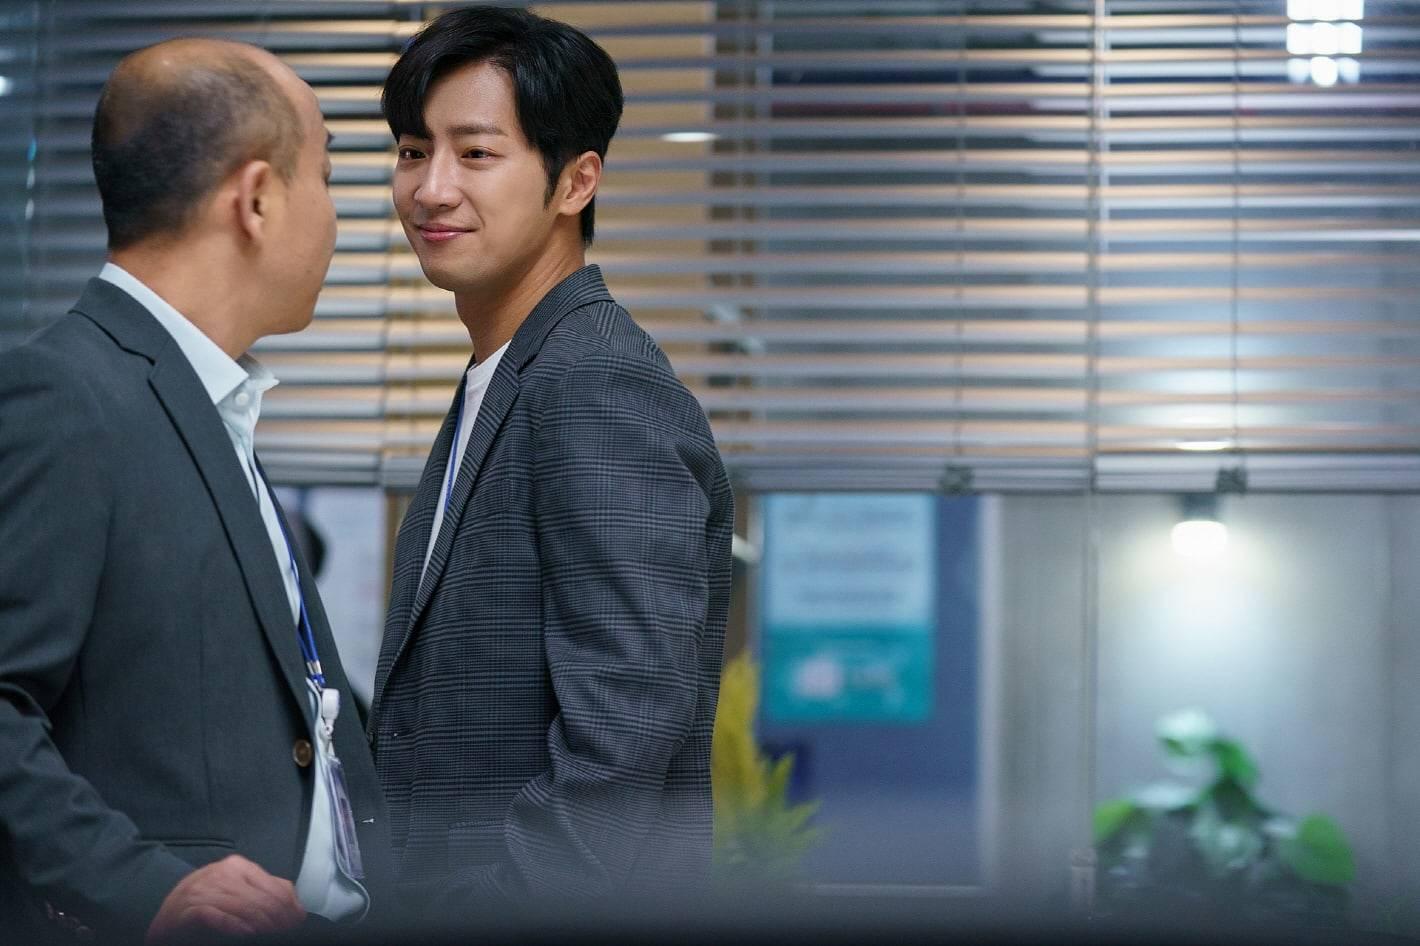 Lee-sang-yeob-4